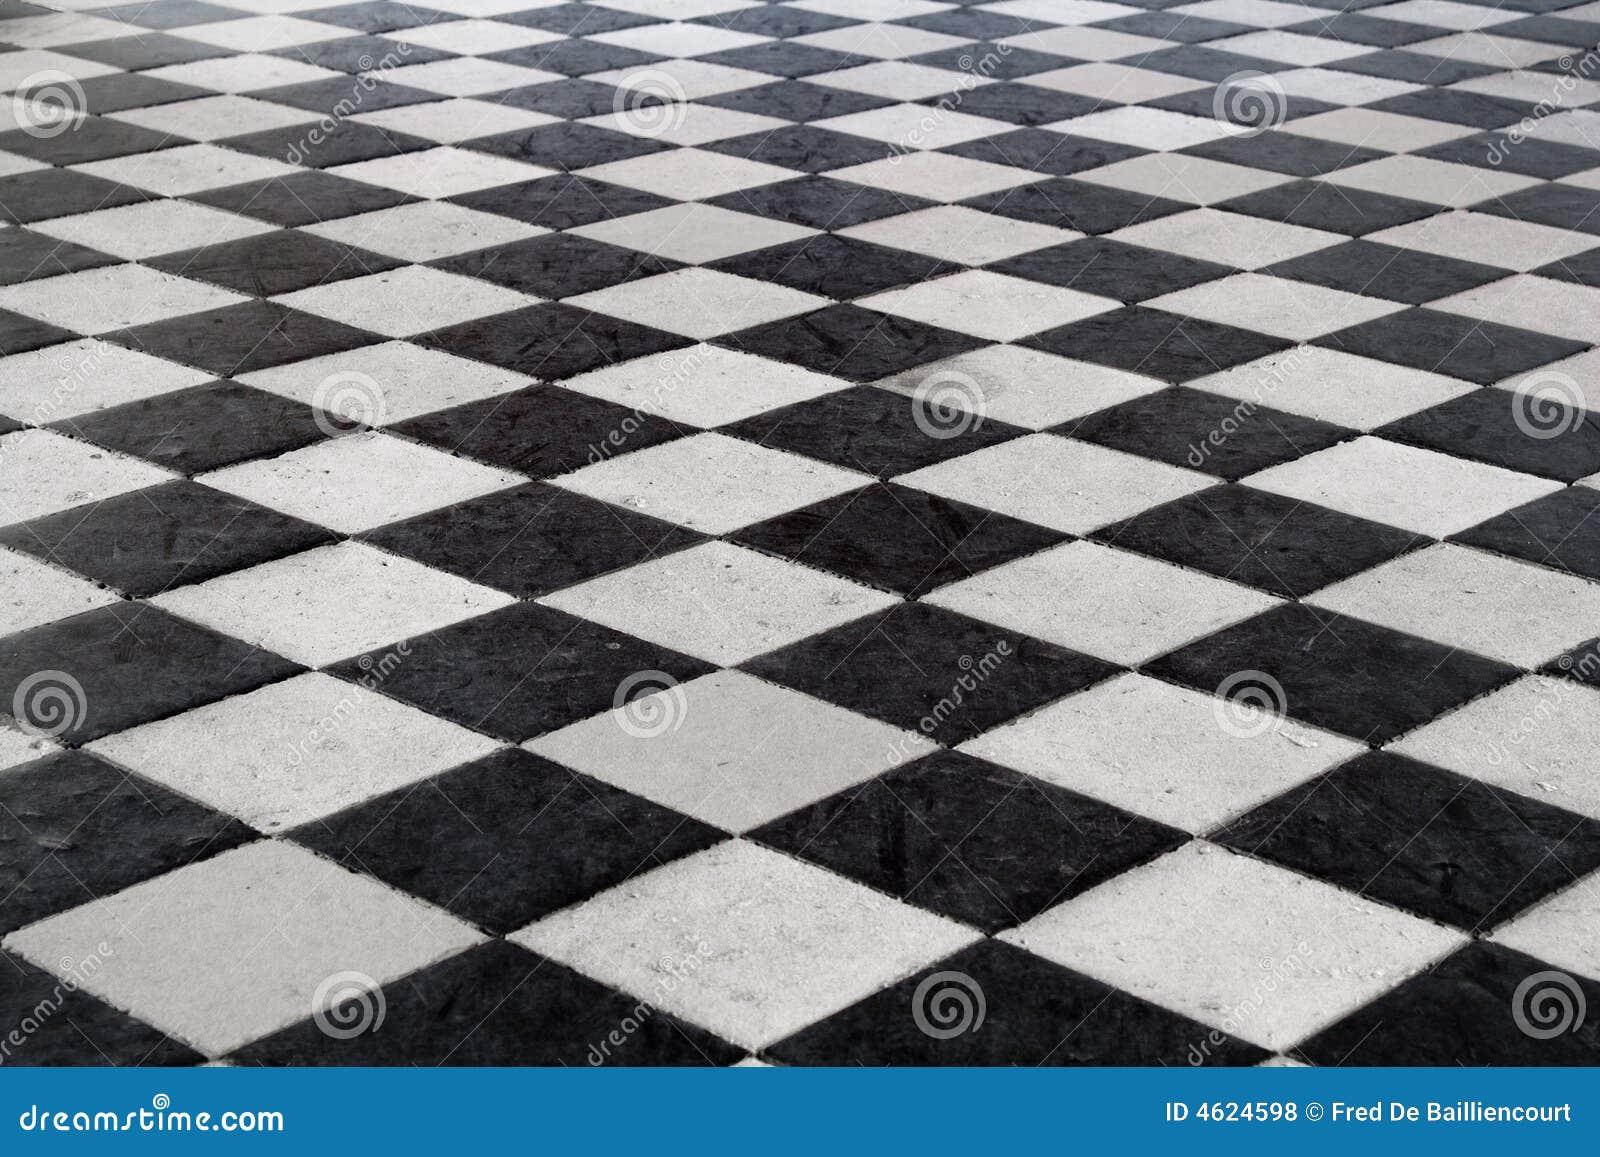 Fußboden Aus Alten Ziegeln ~ Mittelalterlicher mit ziegeln gedeckter fußboden stockfoto bild